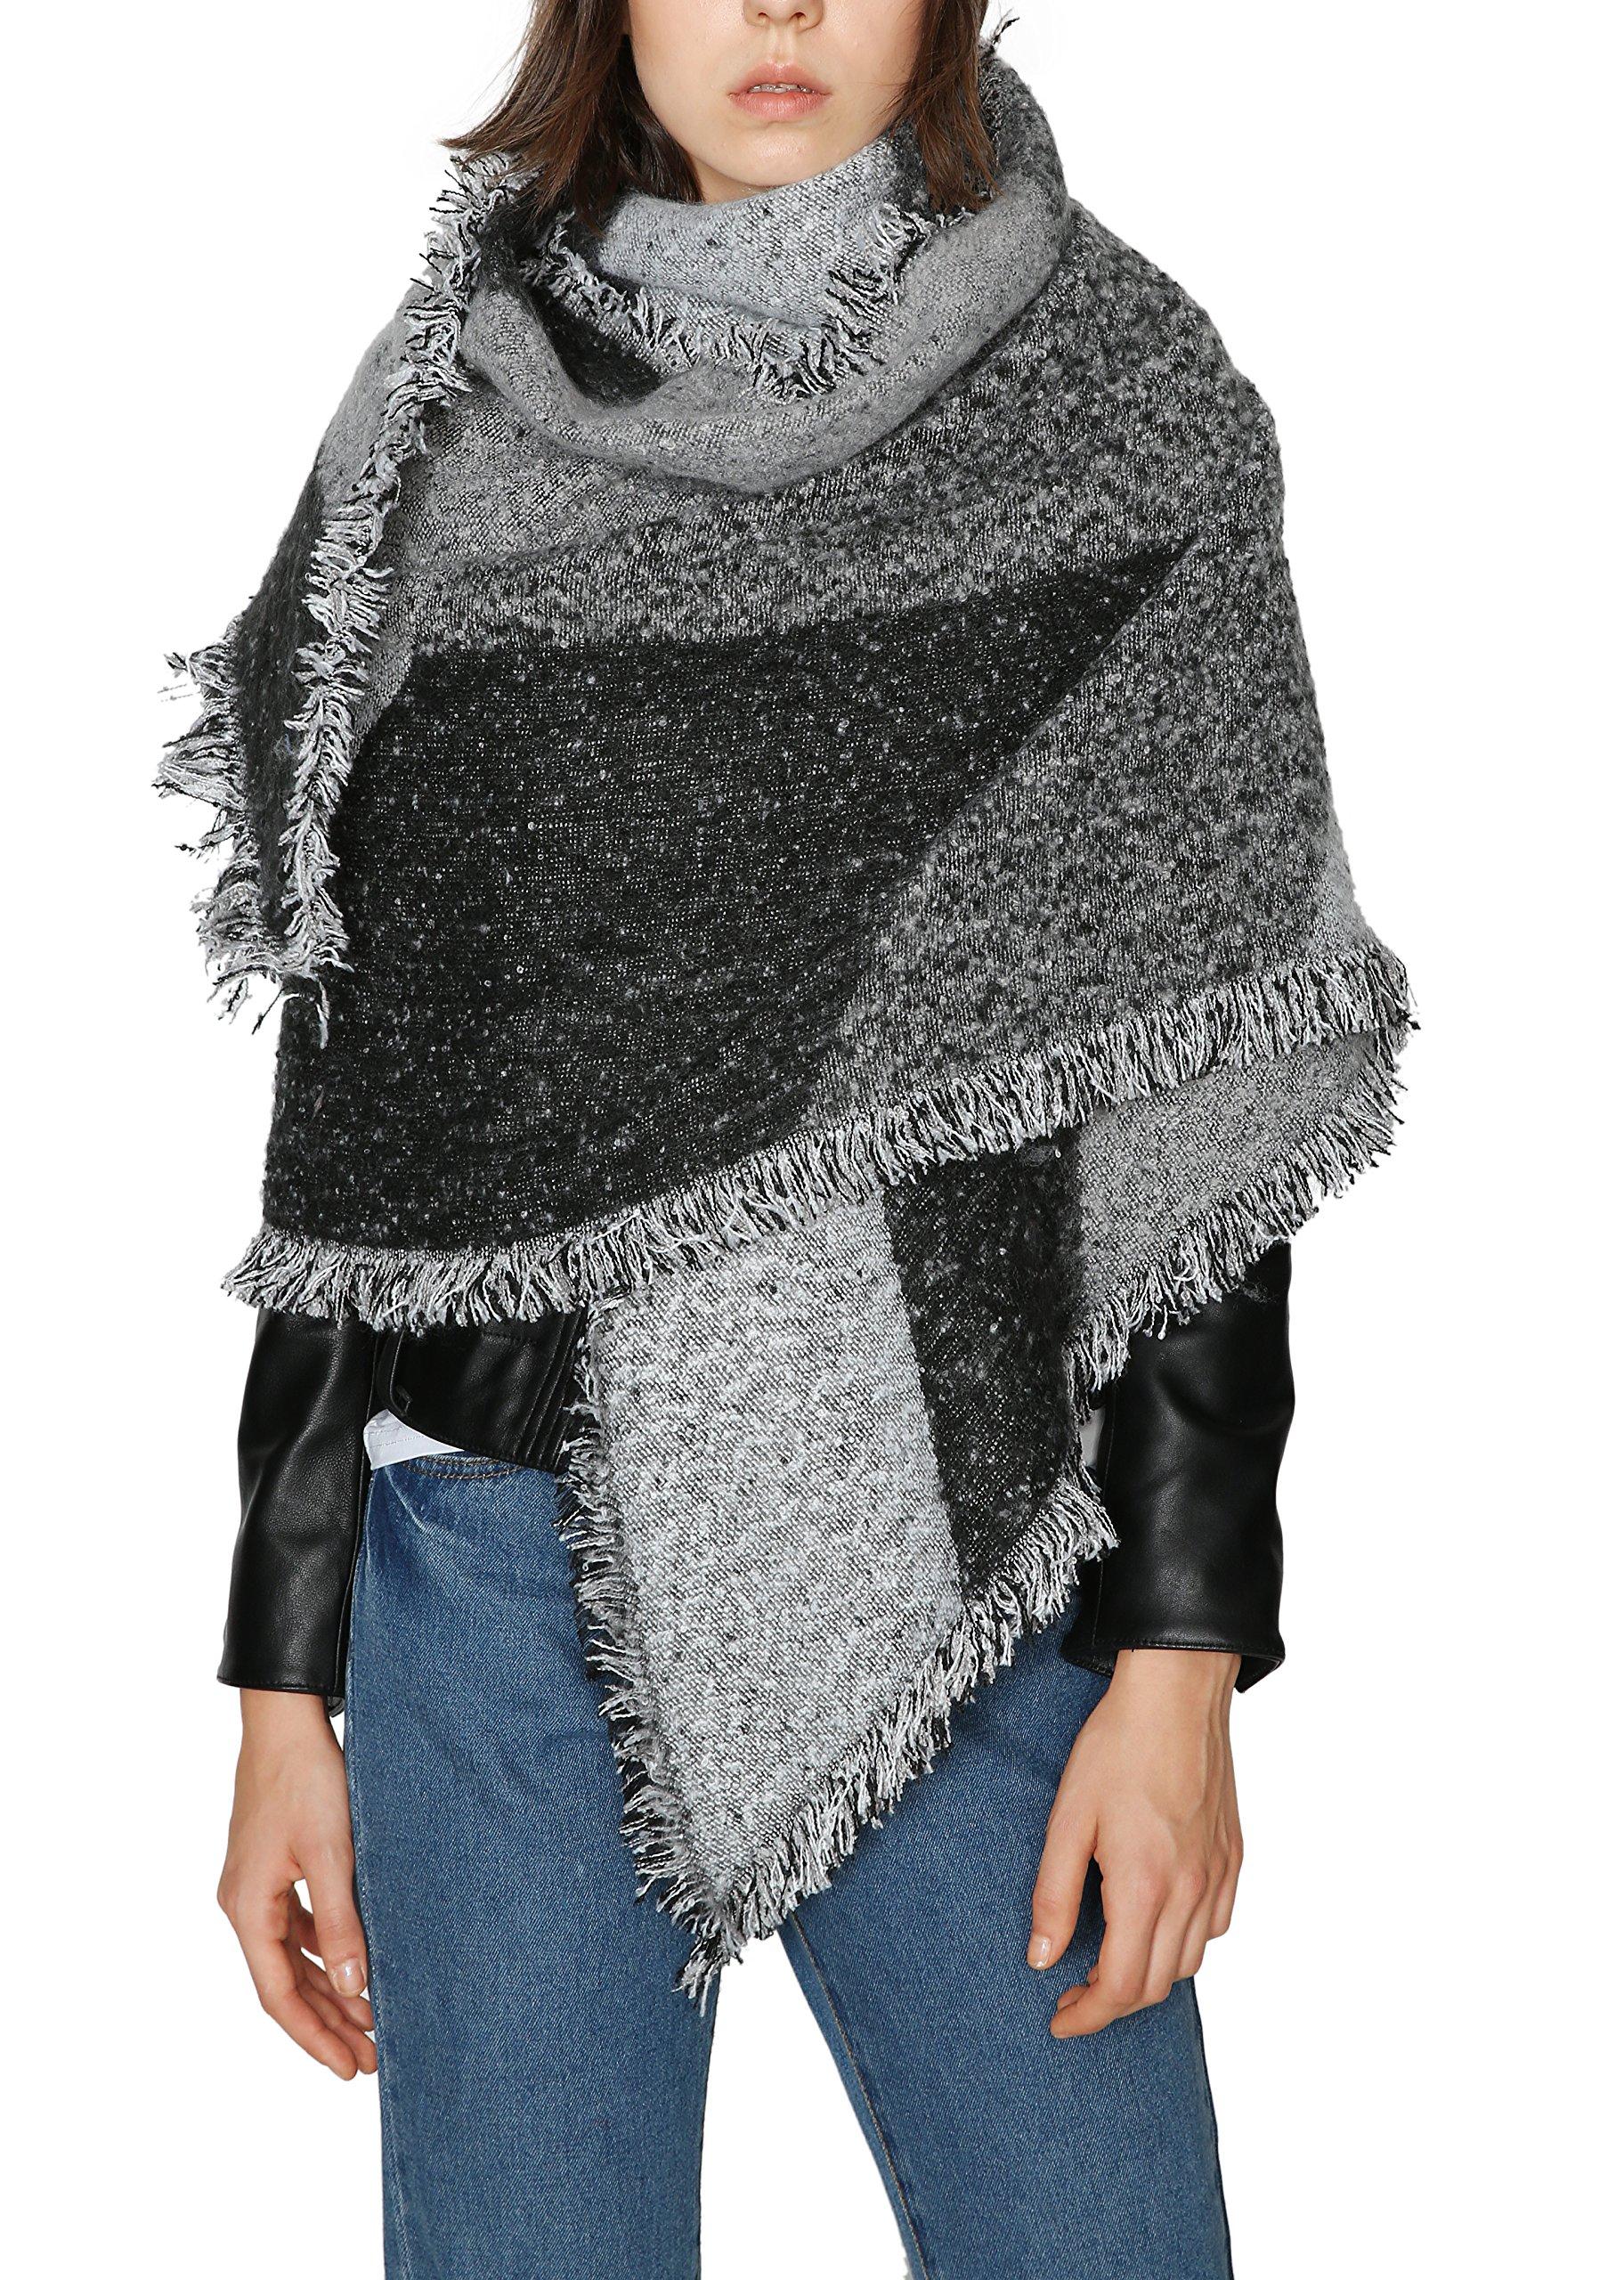 Ruana Knitting Pattern - Catalog of Patterns